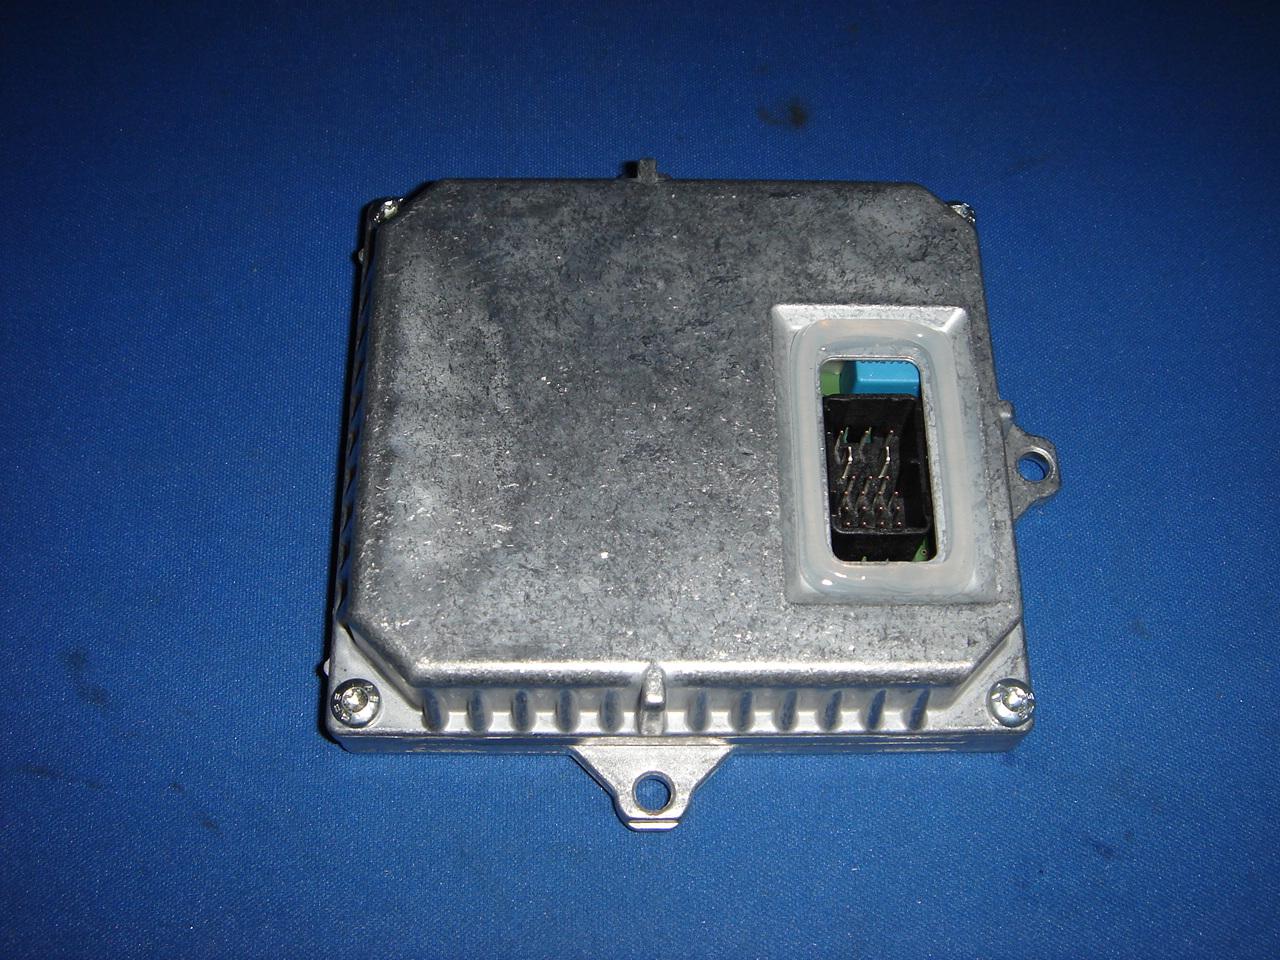 ヘッドライト ライティングコントロール モジュール/HIDバラスト【純正】[適合車種]サードレンジローバー前期'02-'05 L322 BMWエンジン